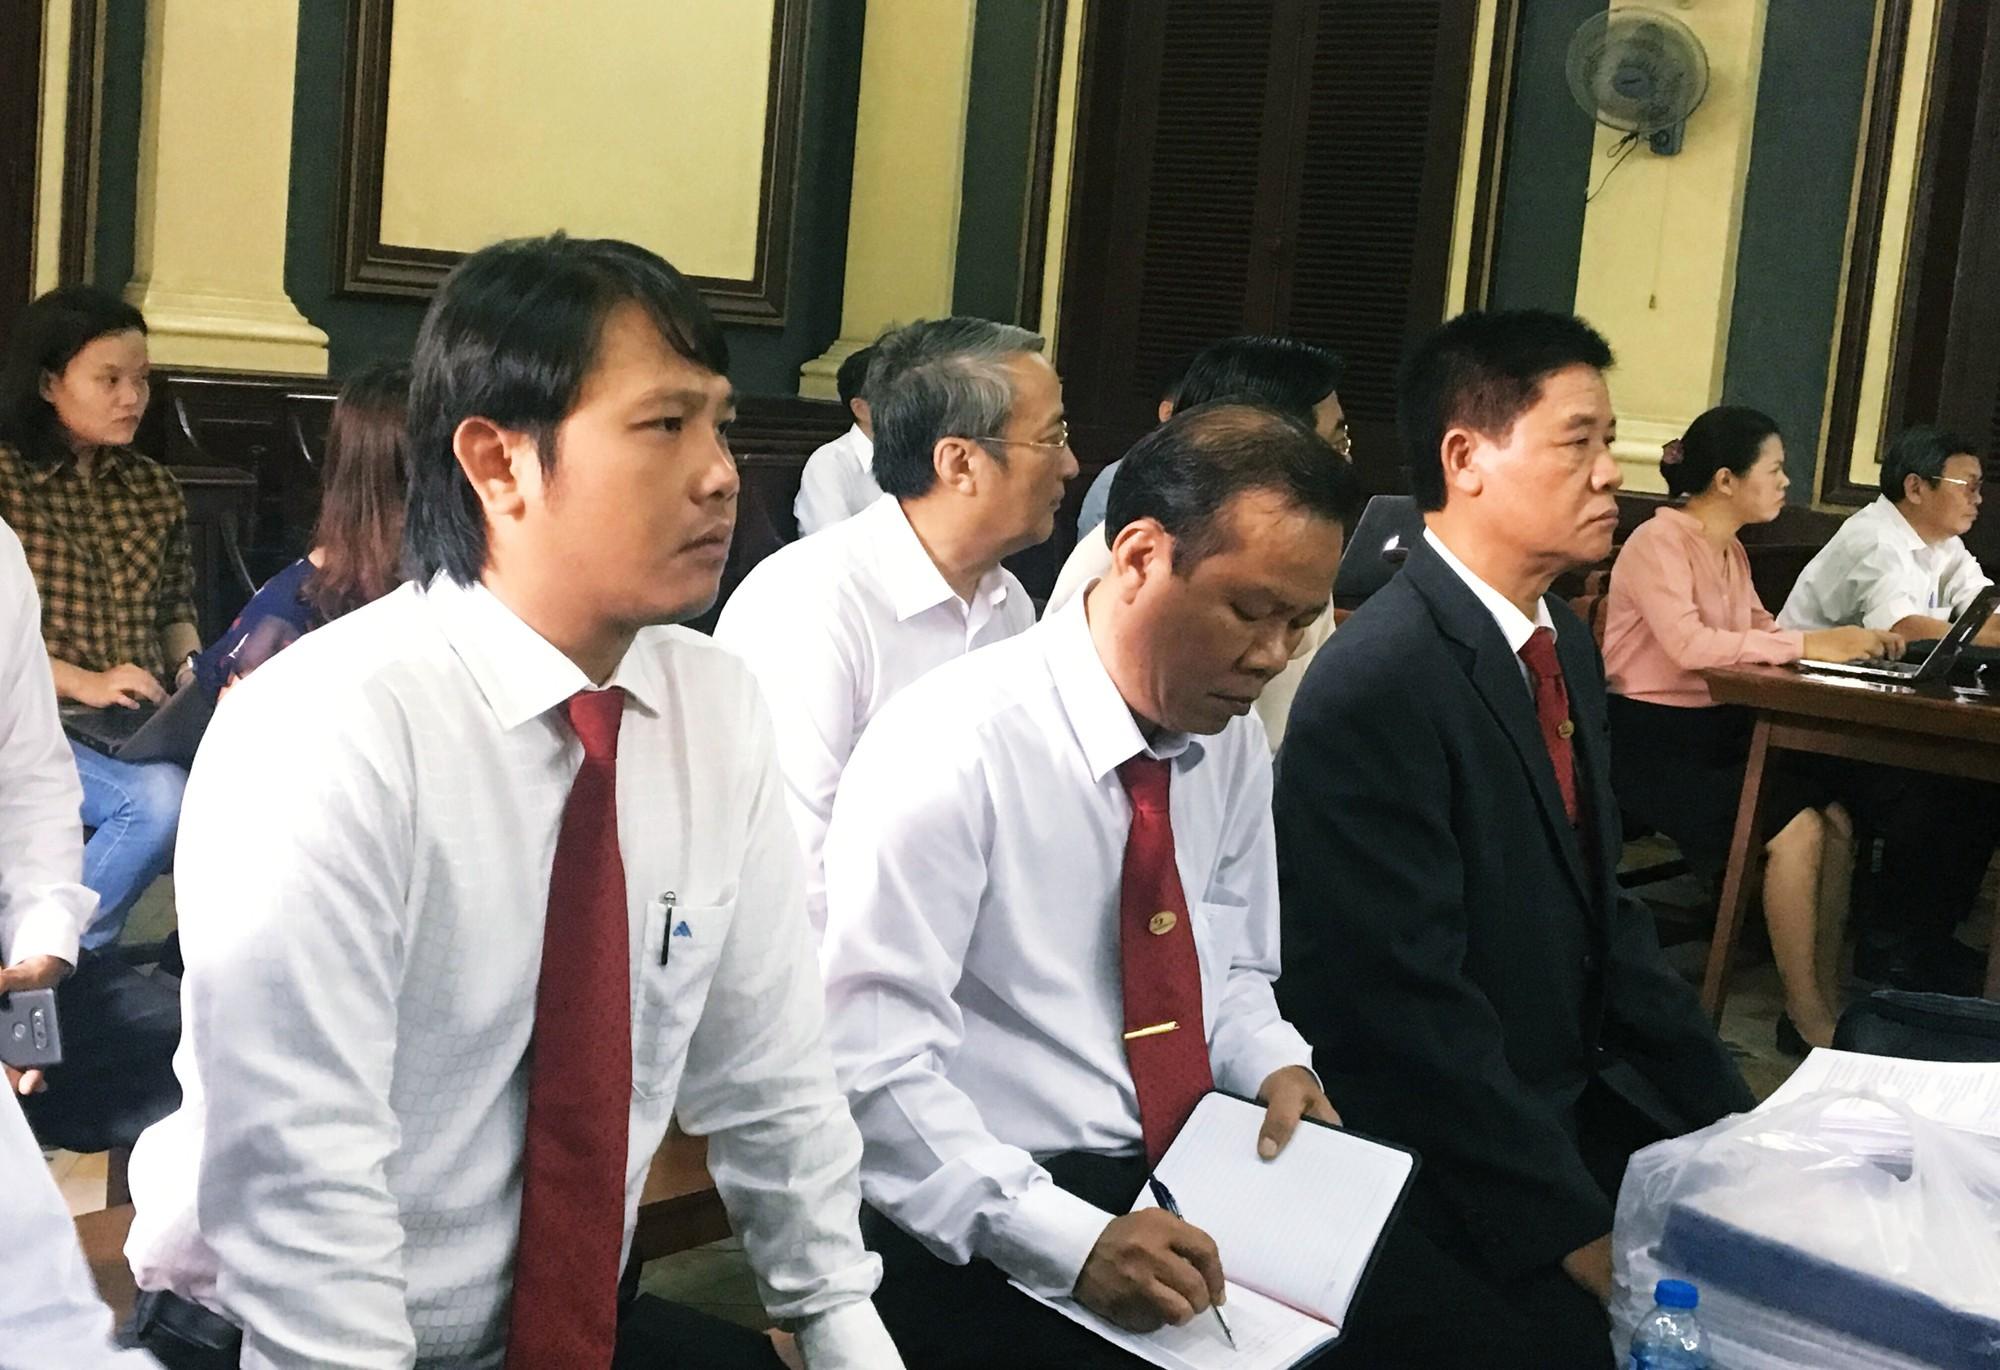 Hàng trăm tài xế Vinasun tập trung trước Toà án TP. HCM, giăng biểu ngữ yêu cầu Grab bồi thường - Ảnh 4.